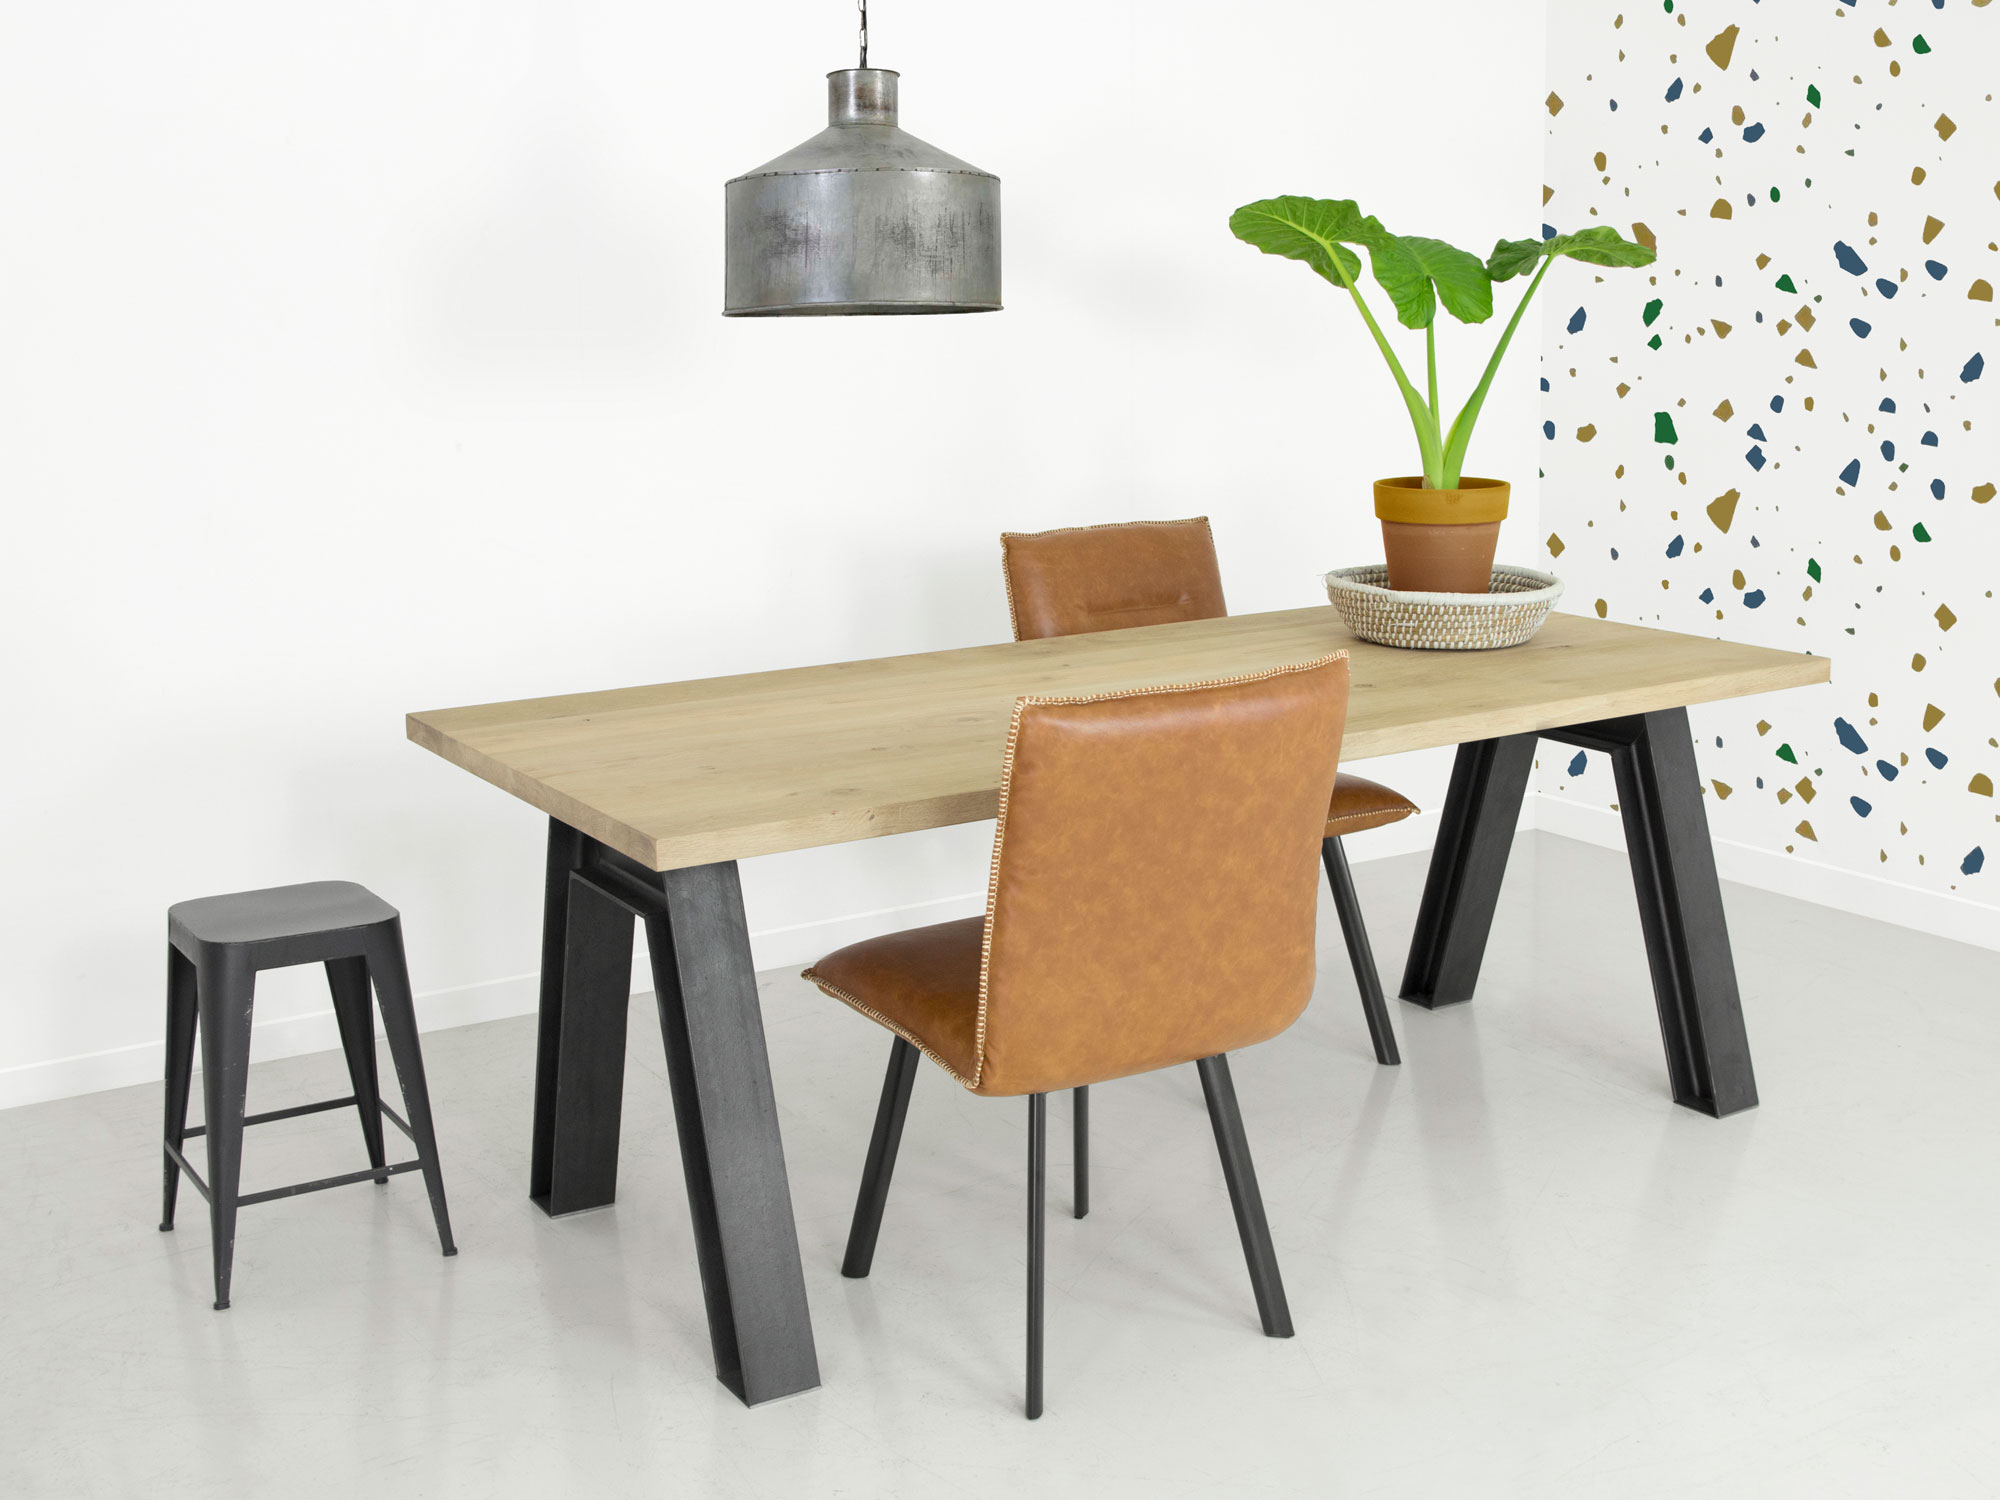 Industri le eettafel met massief houten blad f rn for Stalen onderstel tafel laten maken